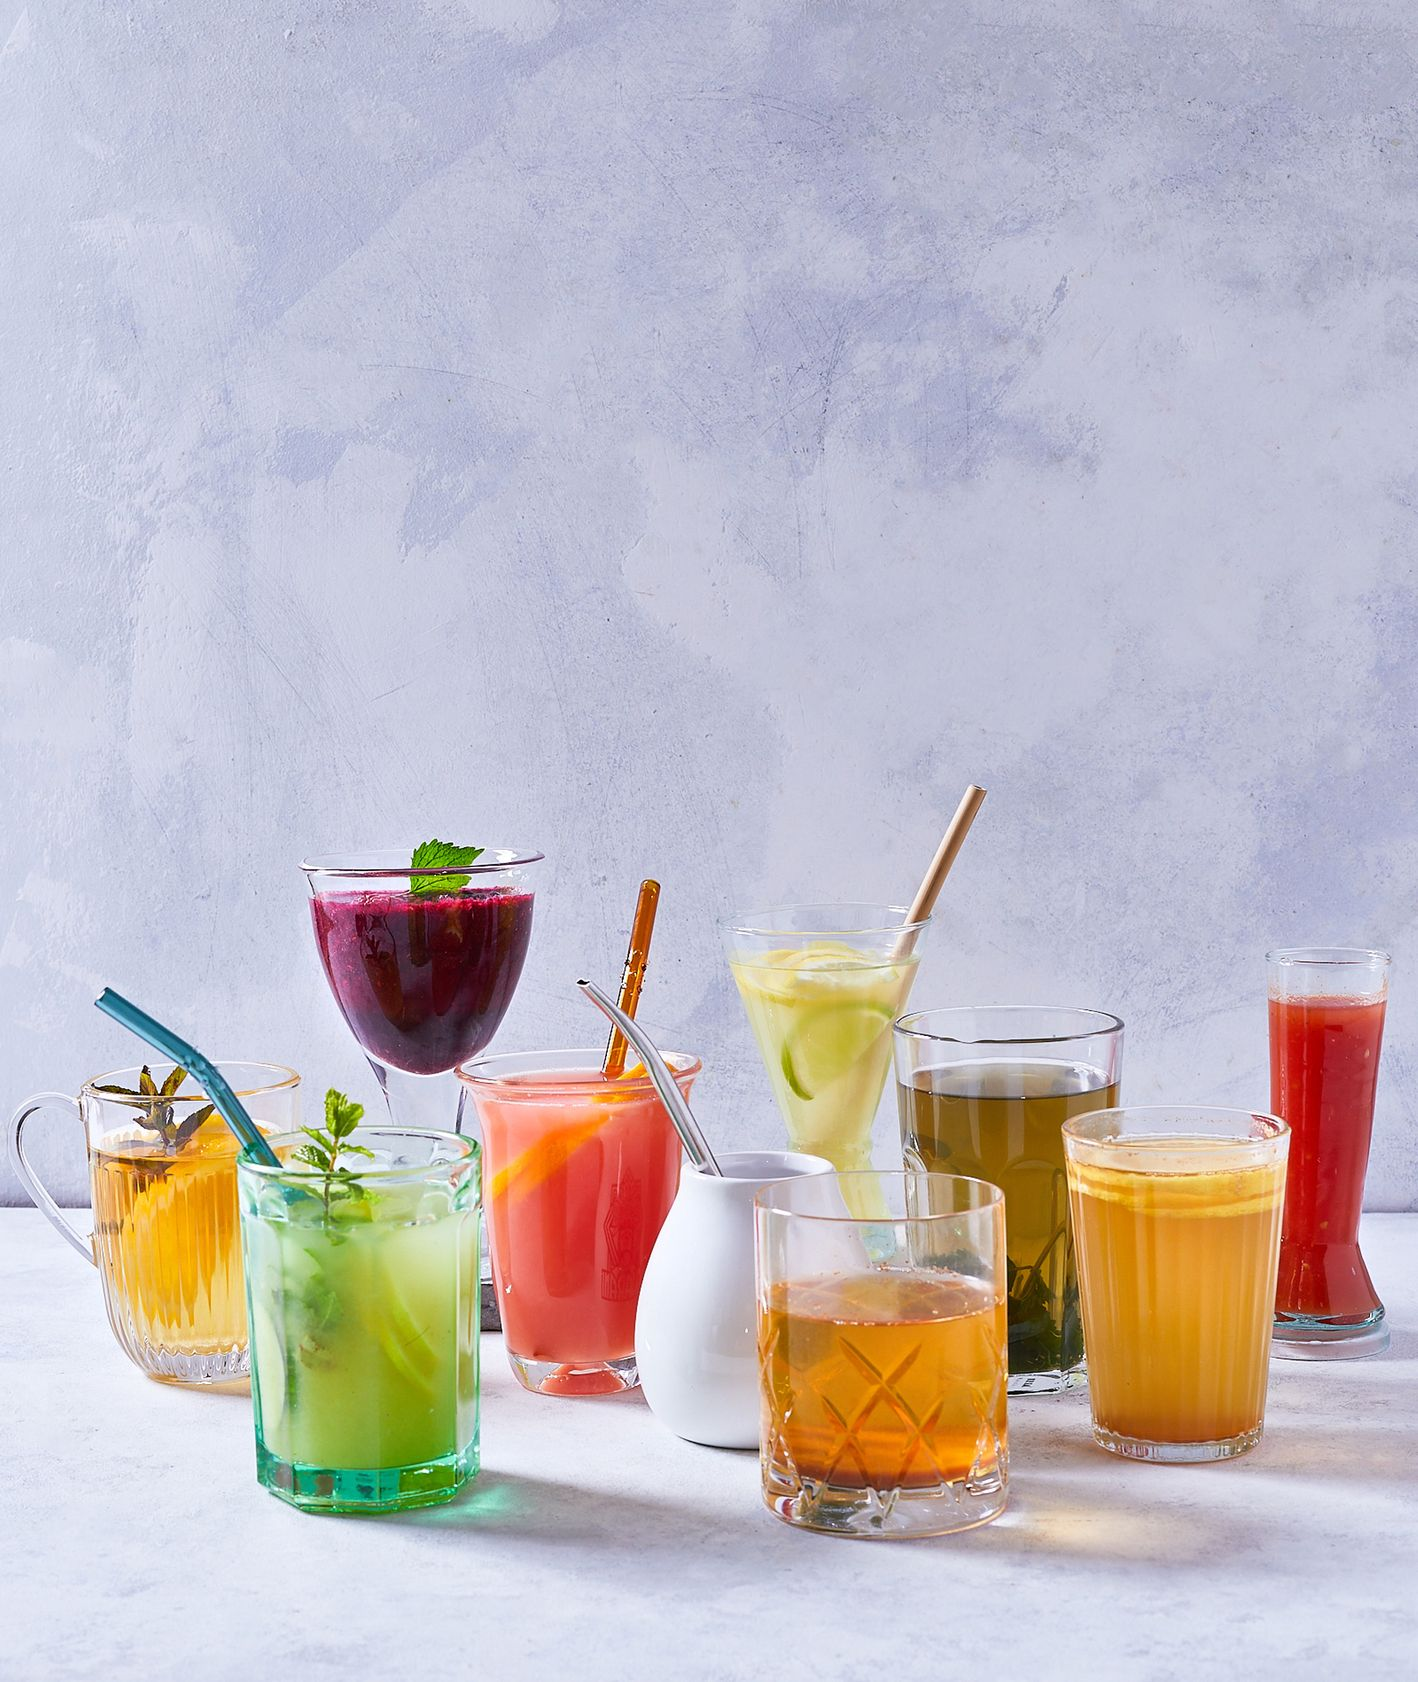 Co pić, by przyspieszyć metabolizm? – Soki i napary ziołowe (fot. Marcin Lewandowski)